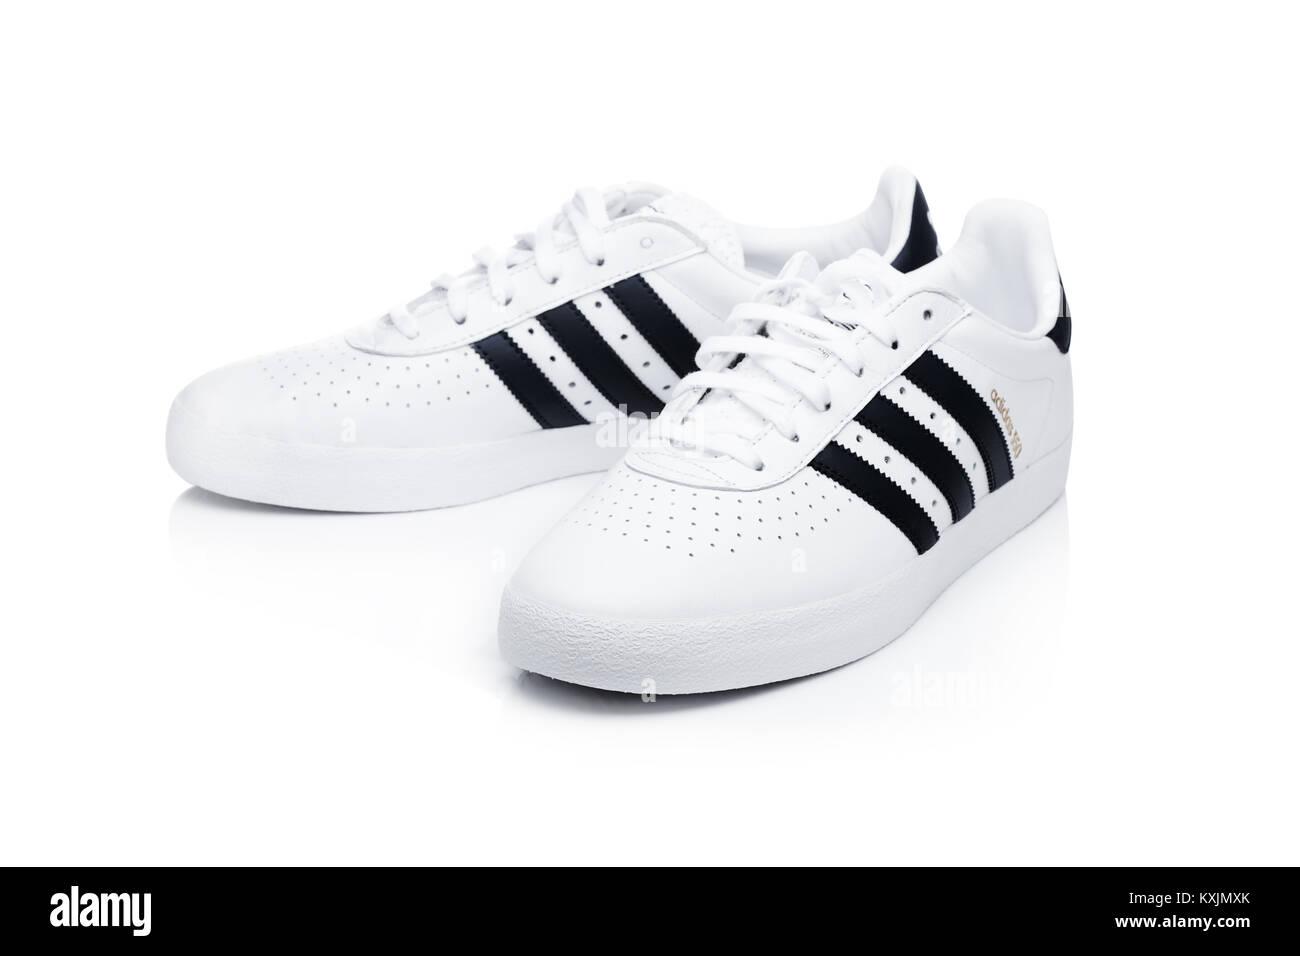 sports shoes 64799 5393d LONDON, Großbritannien - 02 Januar, 2018: Adidas Originals ...